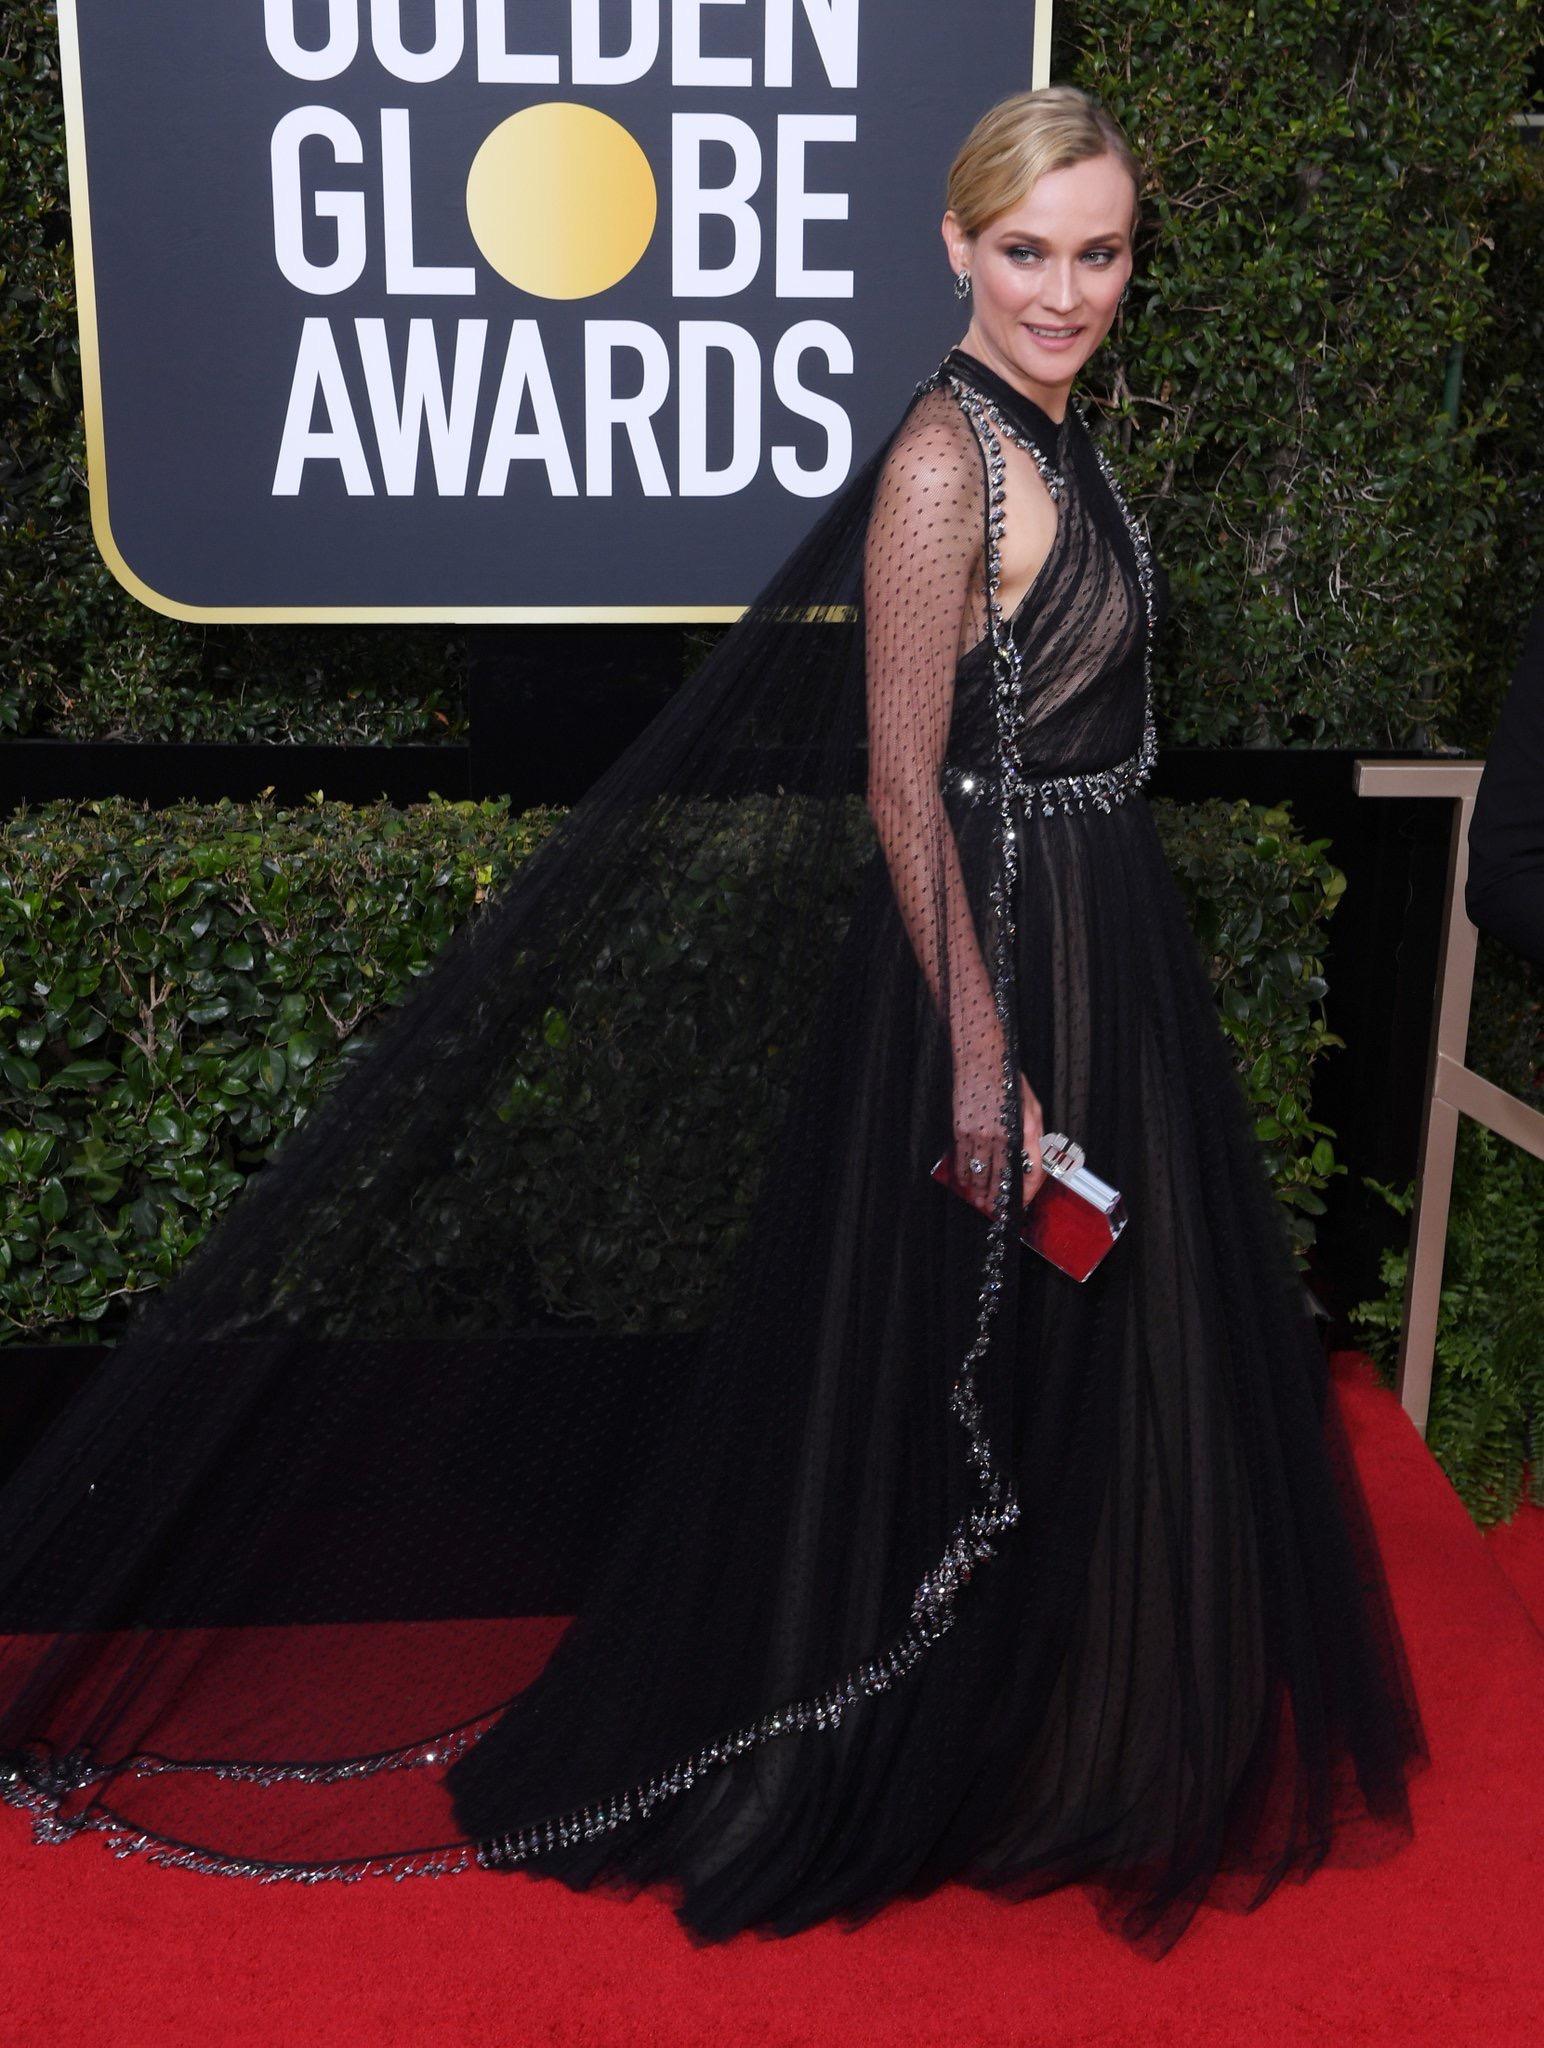 IMG 32471 - Las mejores y las peores vestidas de los Golden Globe